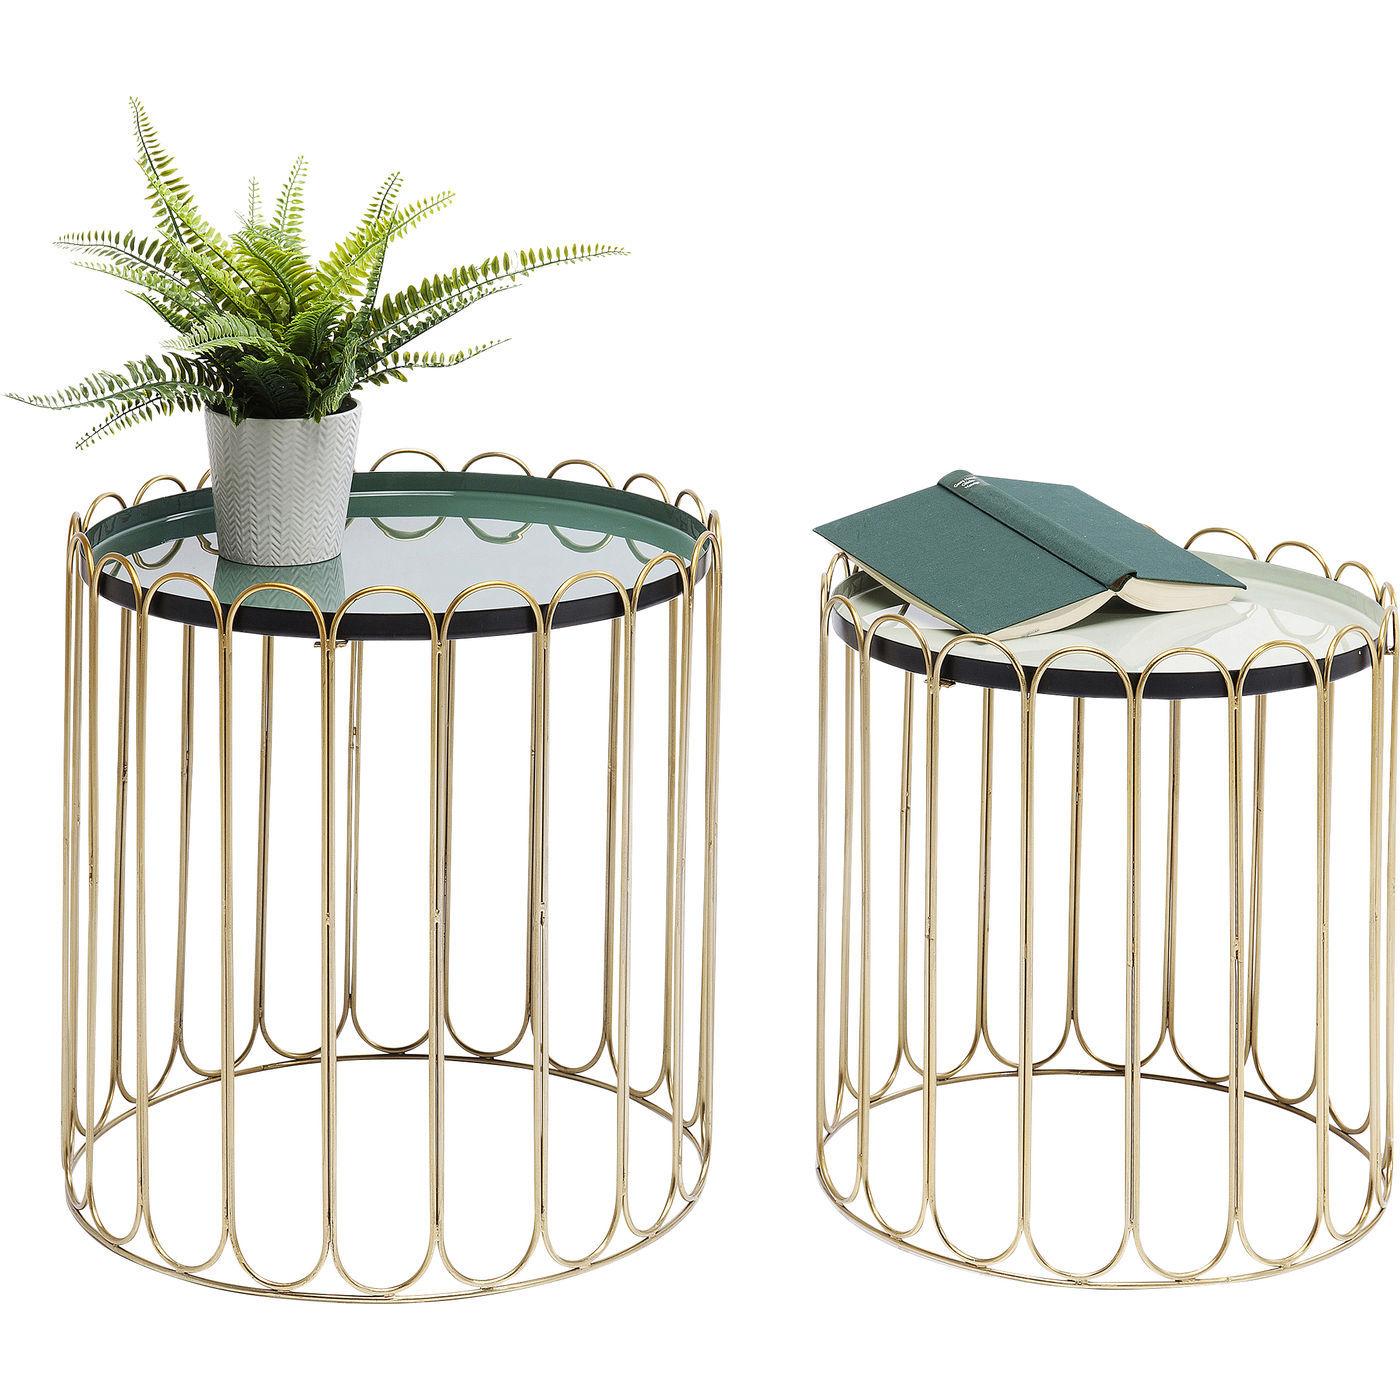 kare design Kare design cha cha cha sidebord - grøn/hvid emalje og guld stål, rundt (2/sæt) fra boboonline.dk